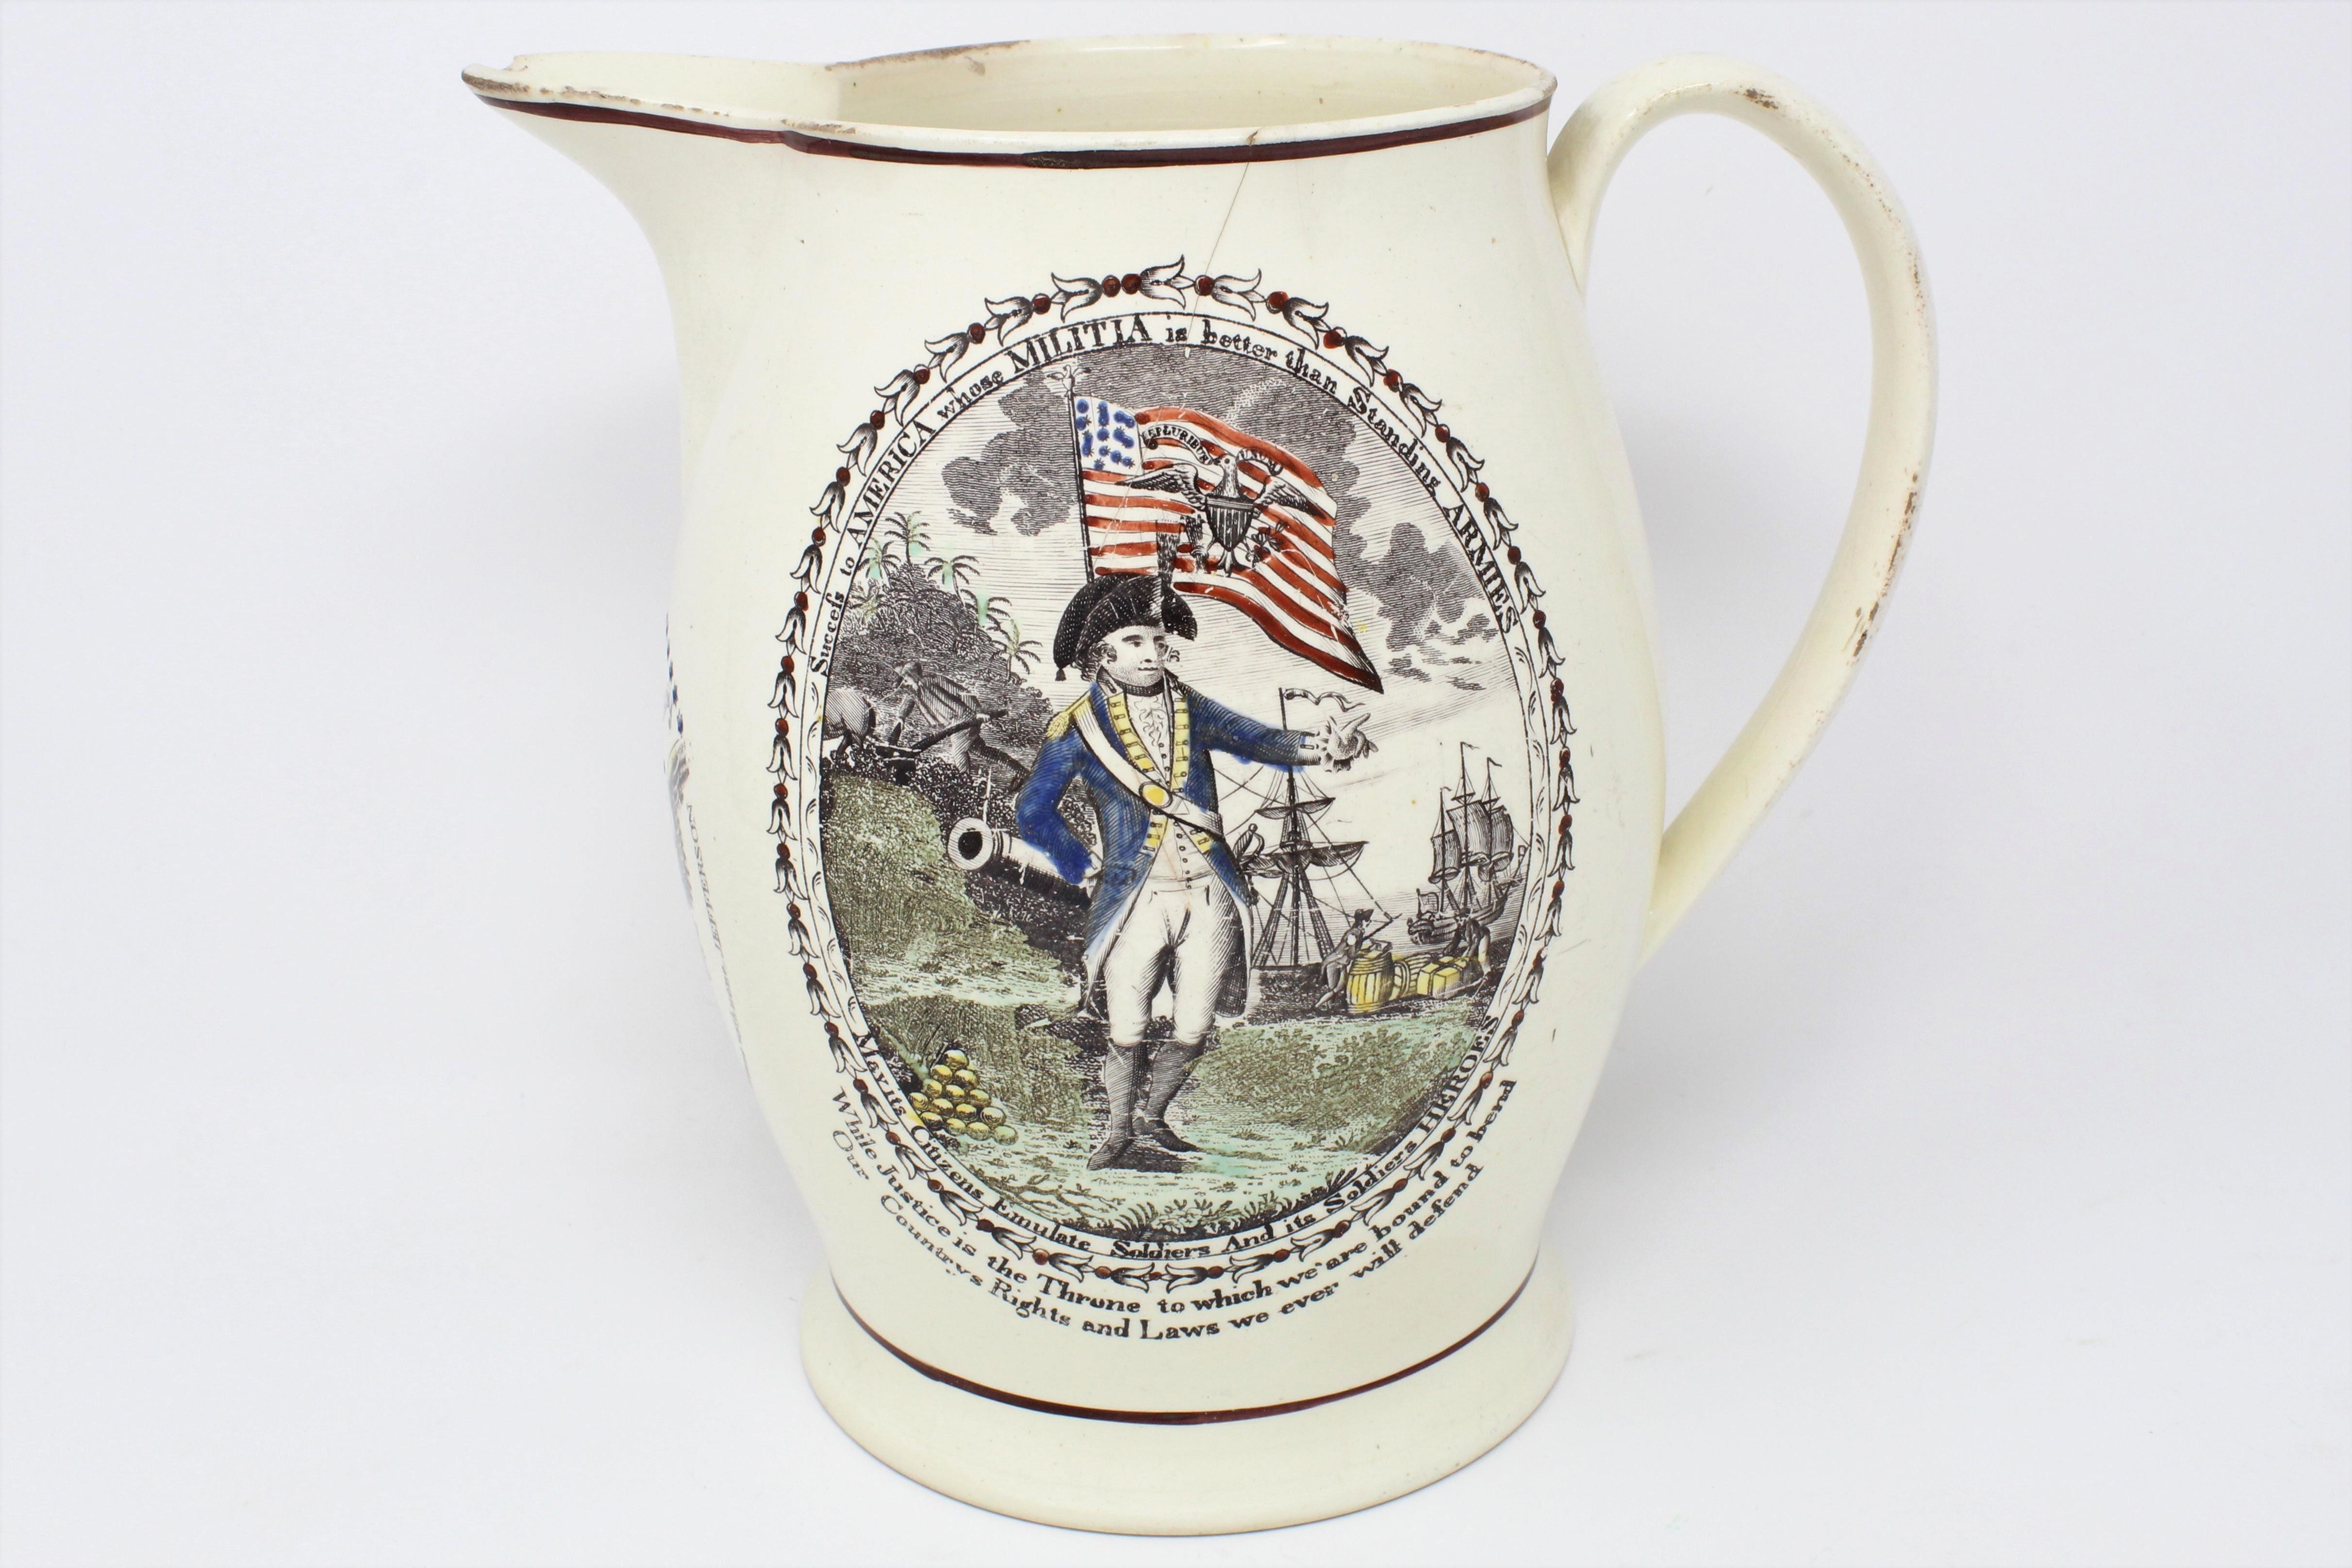 Militia exhibit pitcher